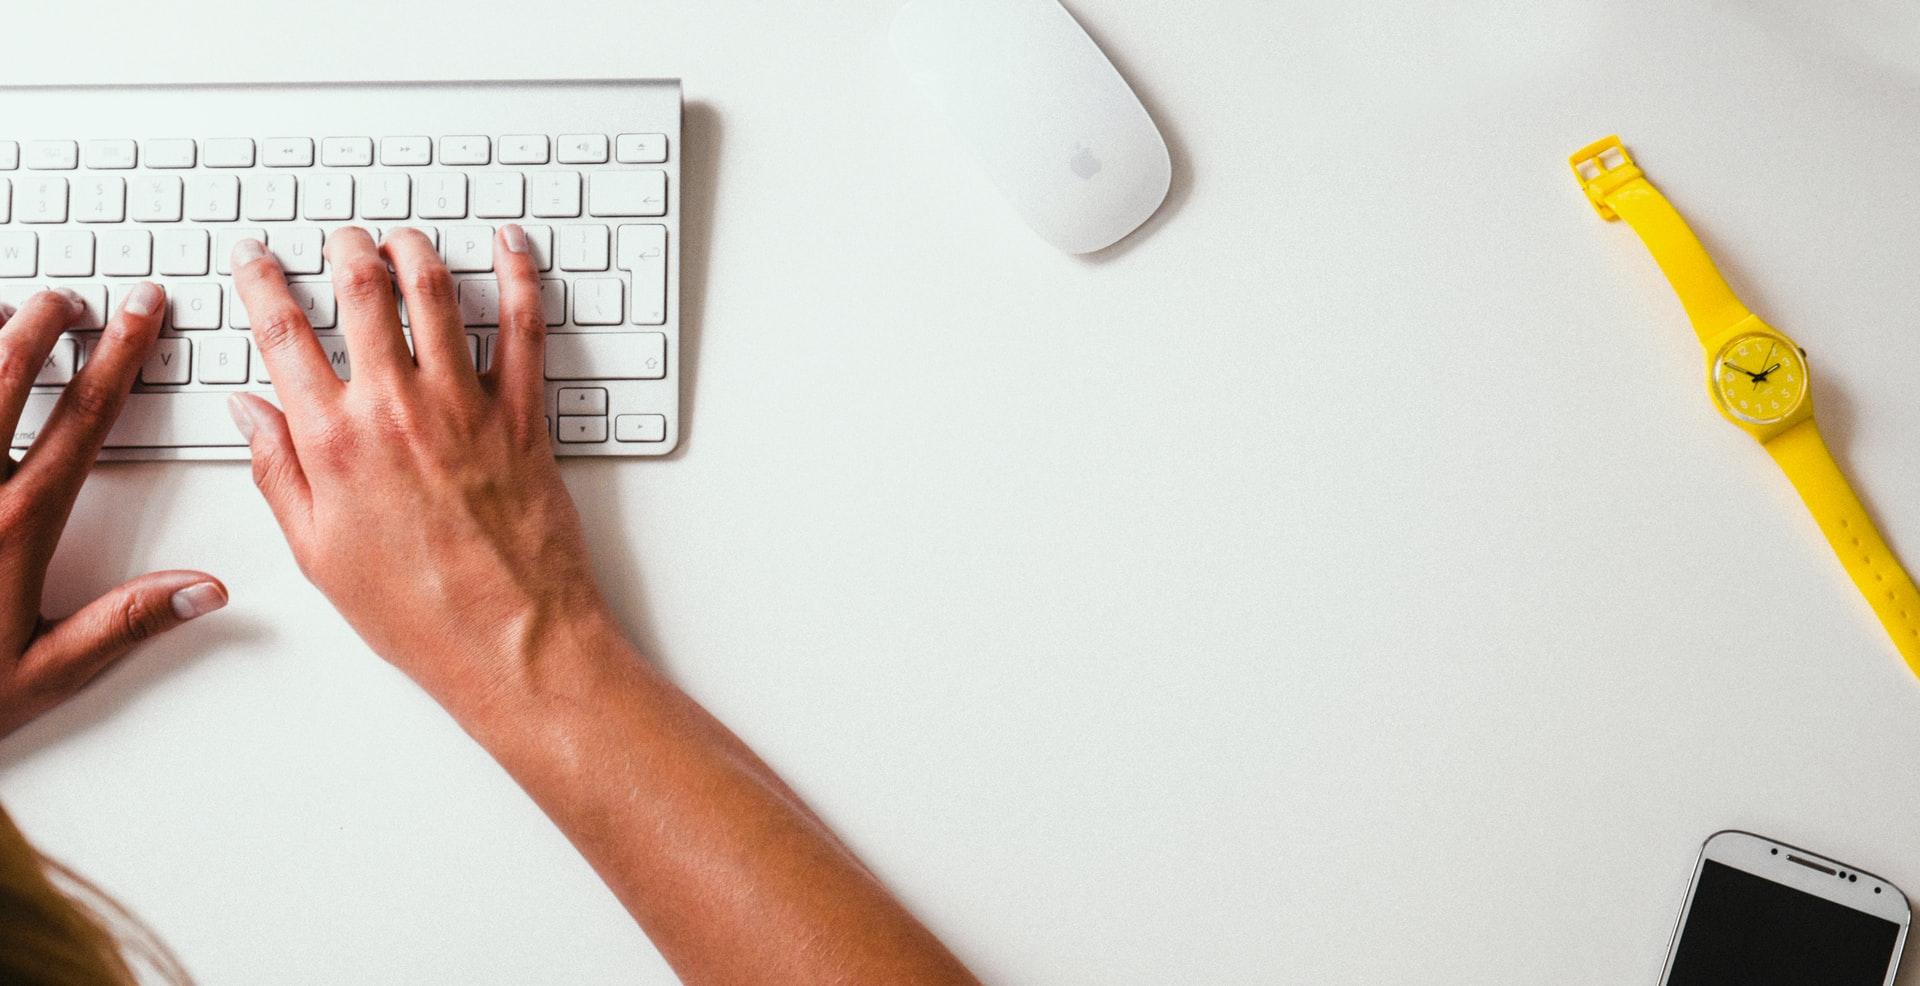 Descubra os 7 maiores benefícios dos blogues à sua estratégia de marketing digital.